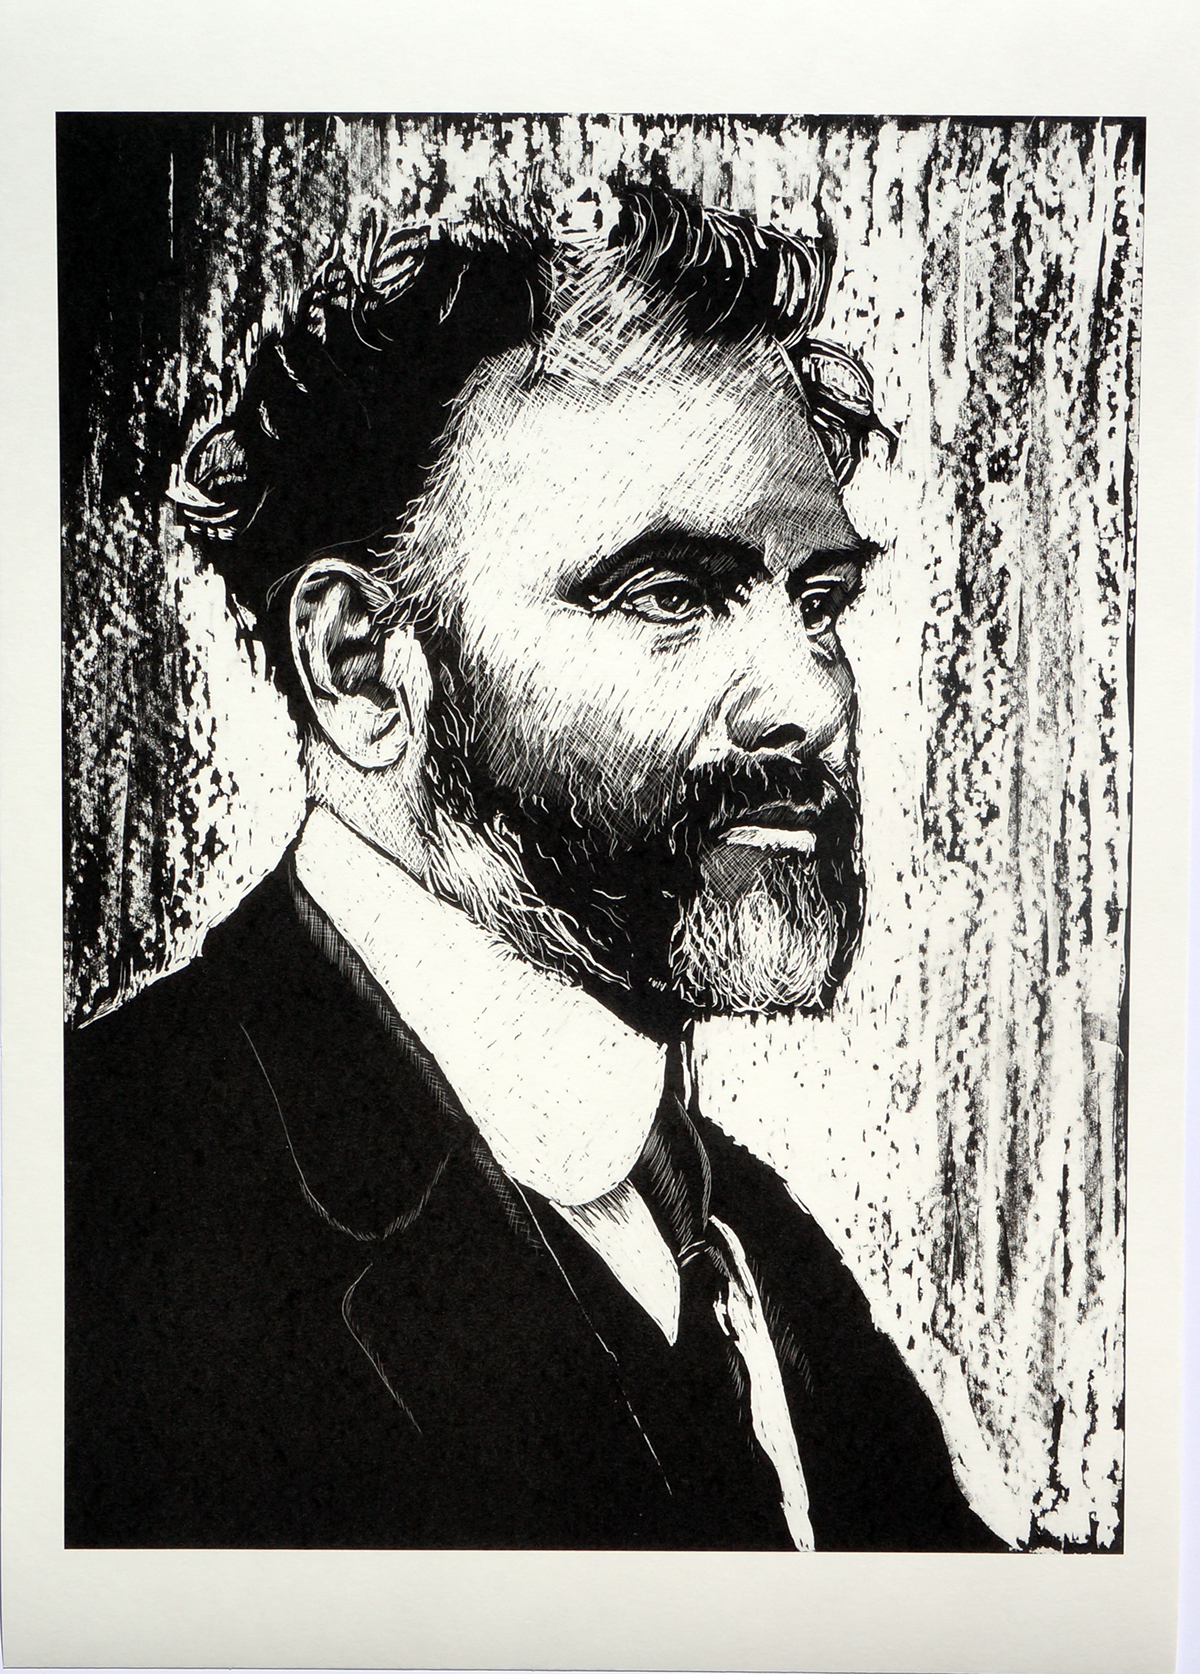 tribute salvadore dali frieda kahlo Gustav Klimt Amedeo Modigliani black and white portrait poster